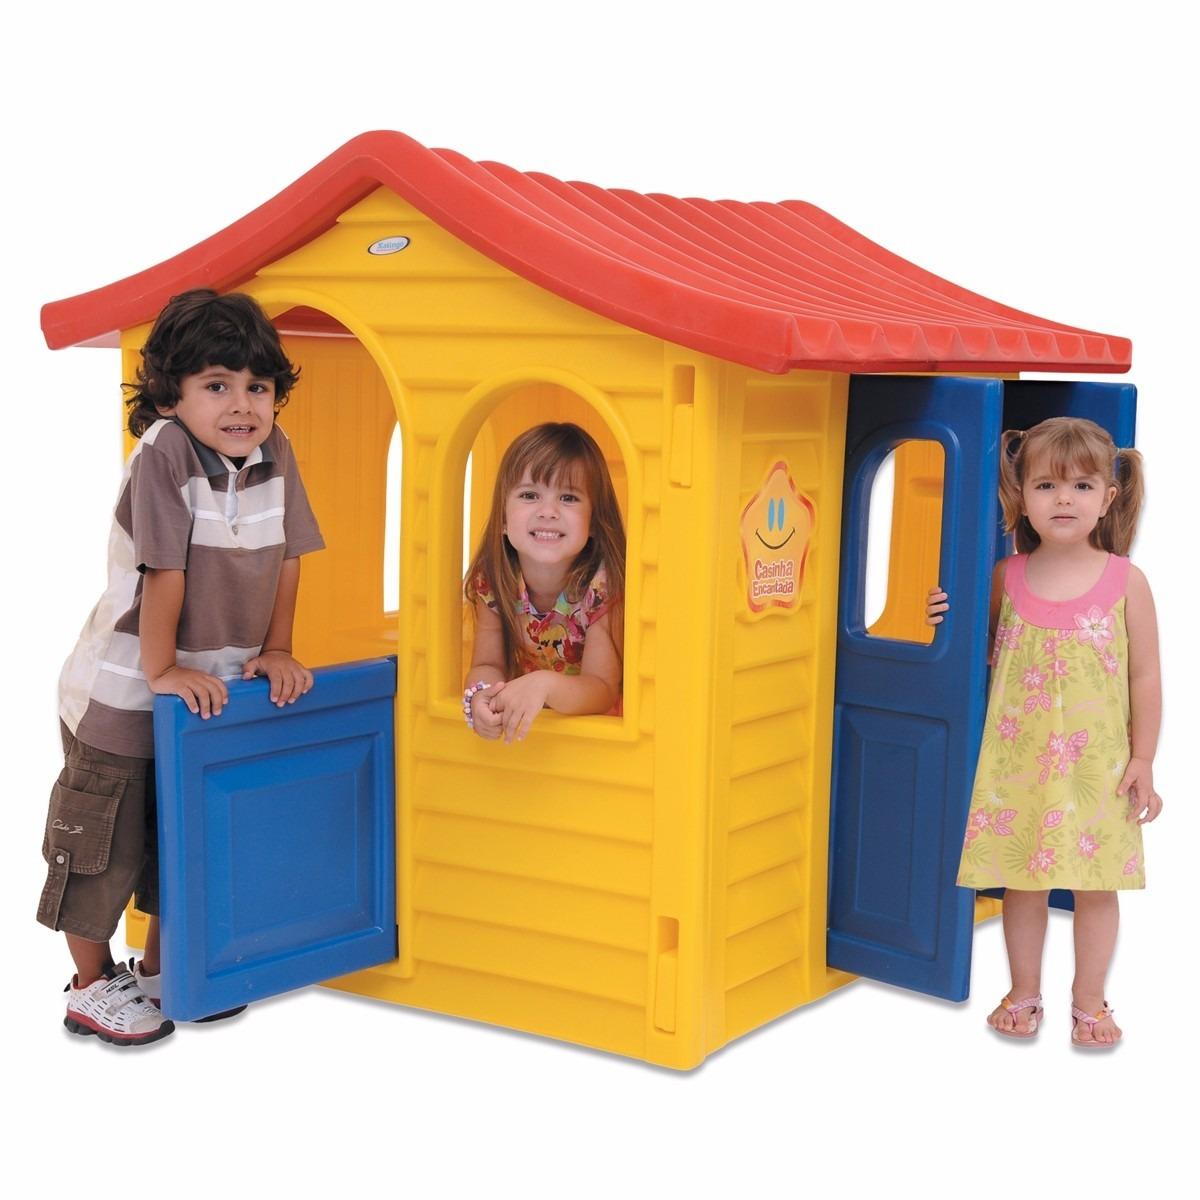 casinha de boneca encantada brinquedo infantil xalingo r